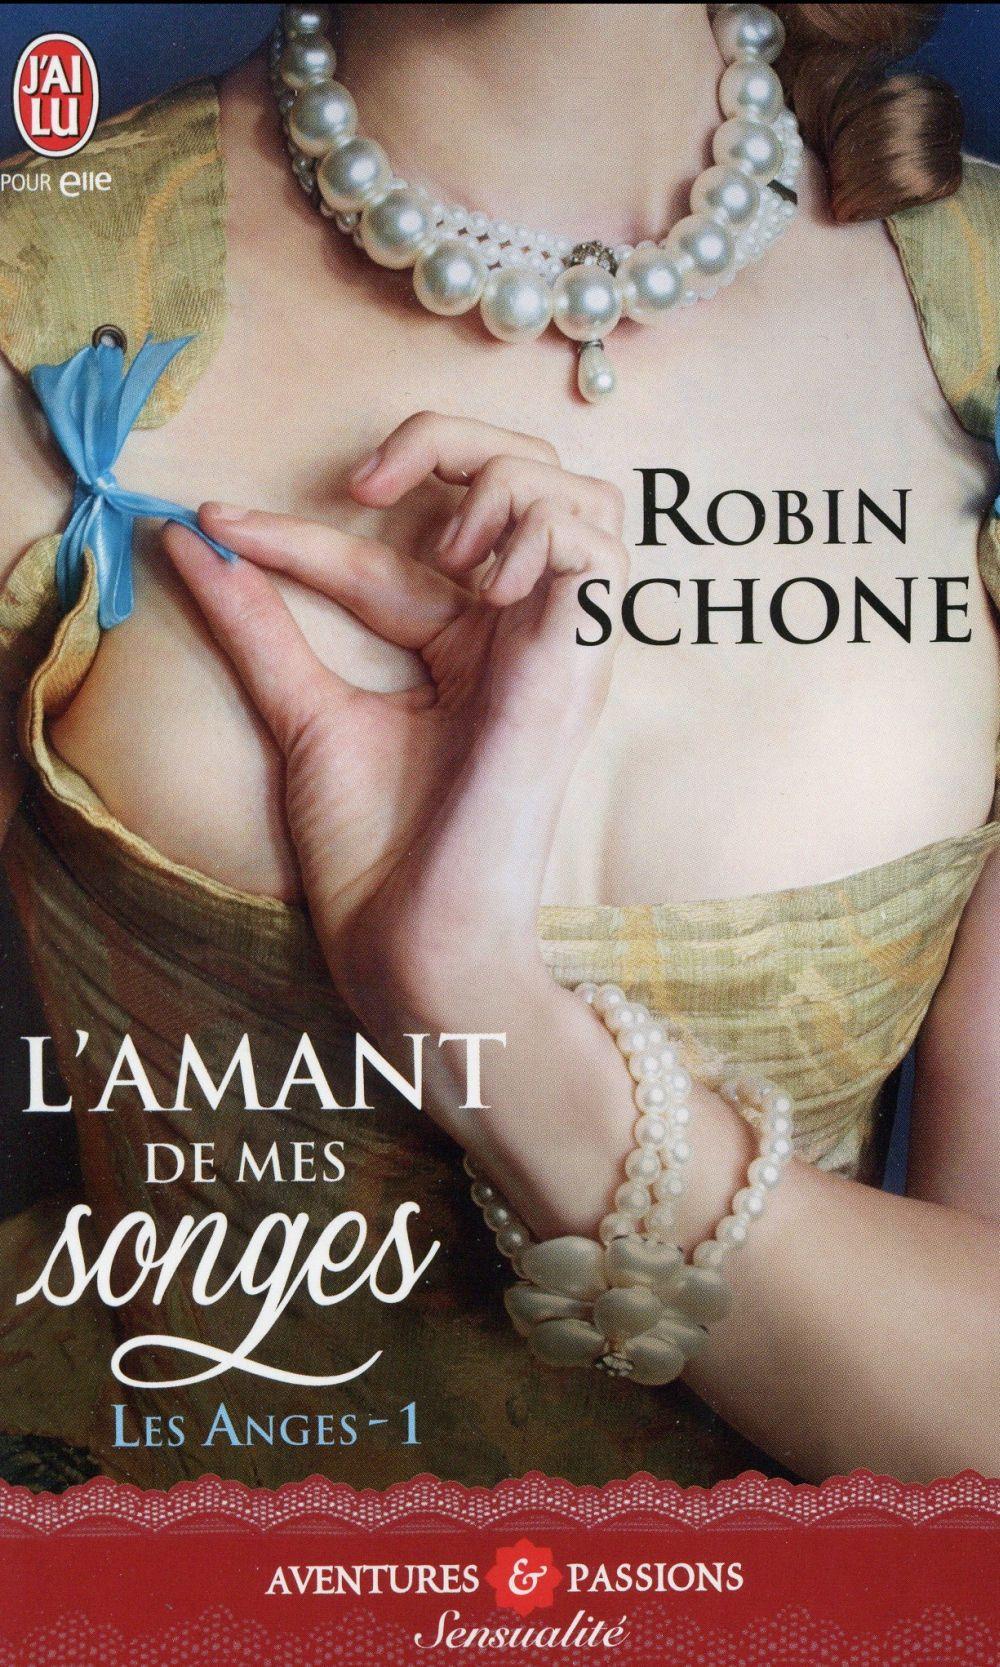 L'AMANT DE MES SONGES